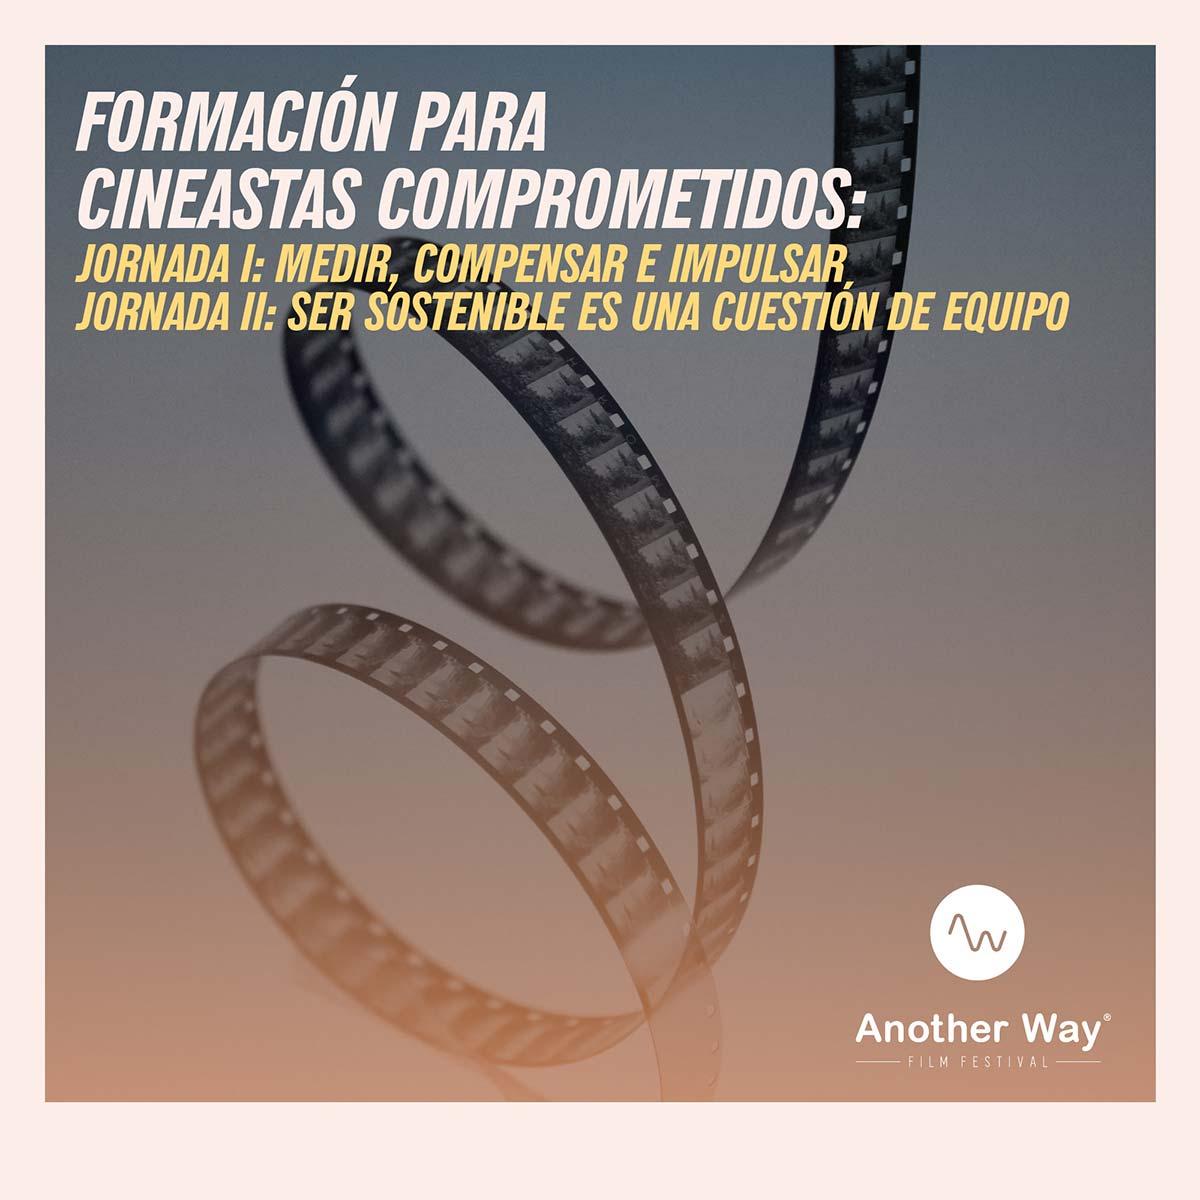 """Another Way Film Festival acoge dos jornadas de """"Formación para cineastas comprometidos"""" como parte de la programación de su séptima edición"""